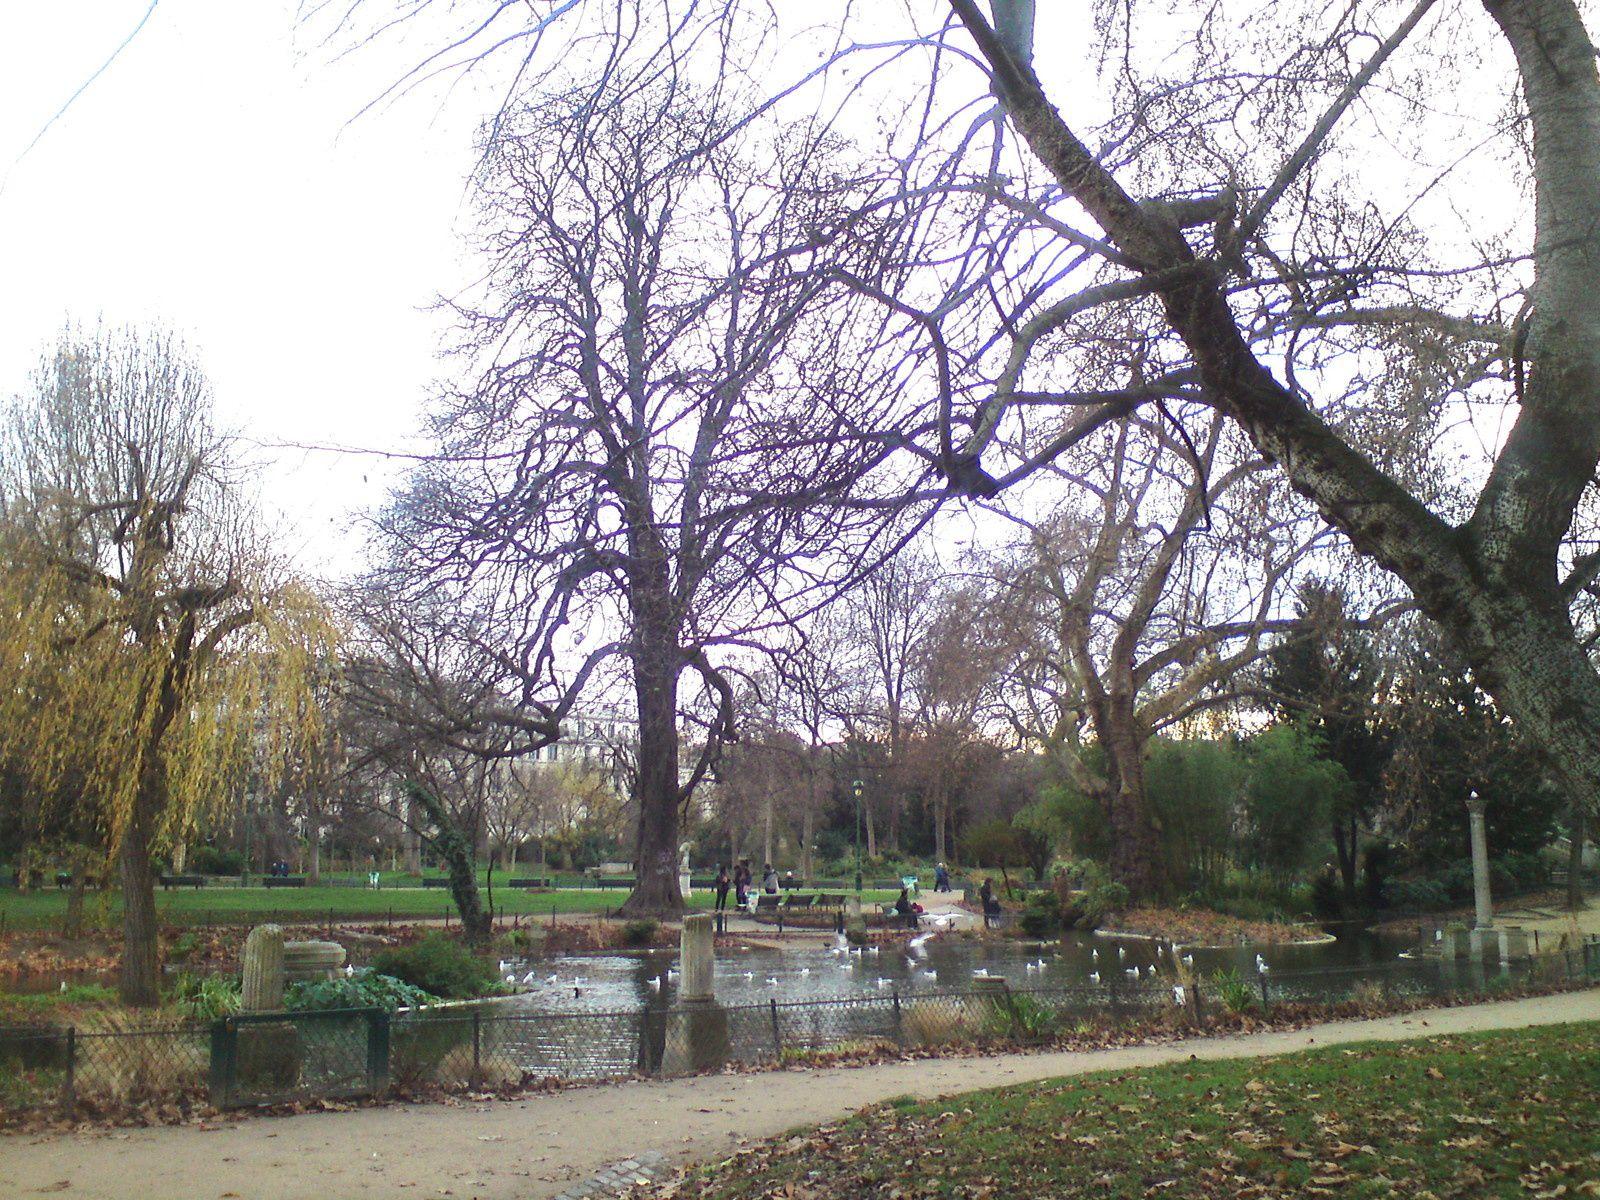 Balade au parc Monceau début janvier